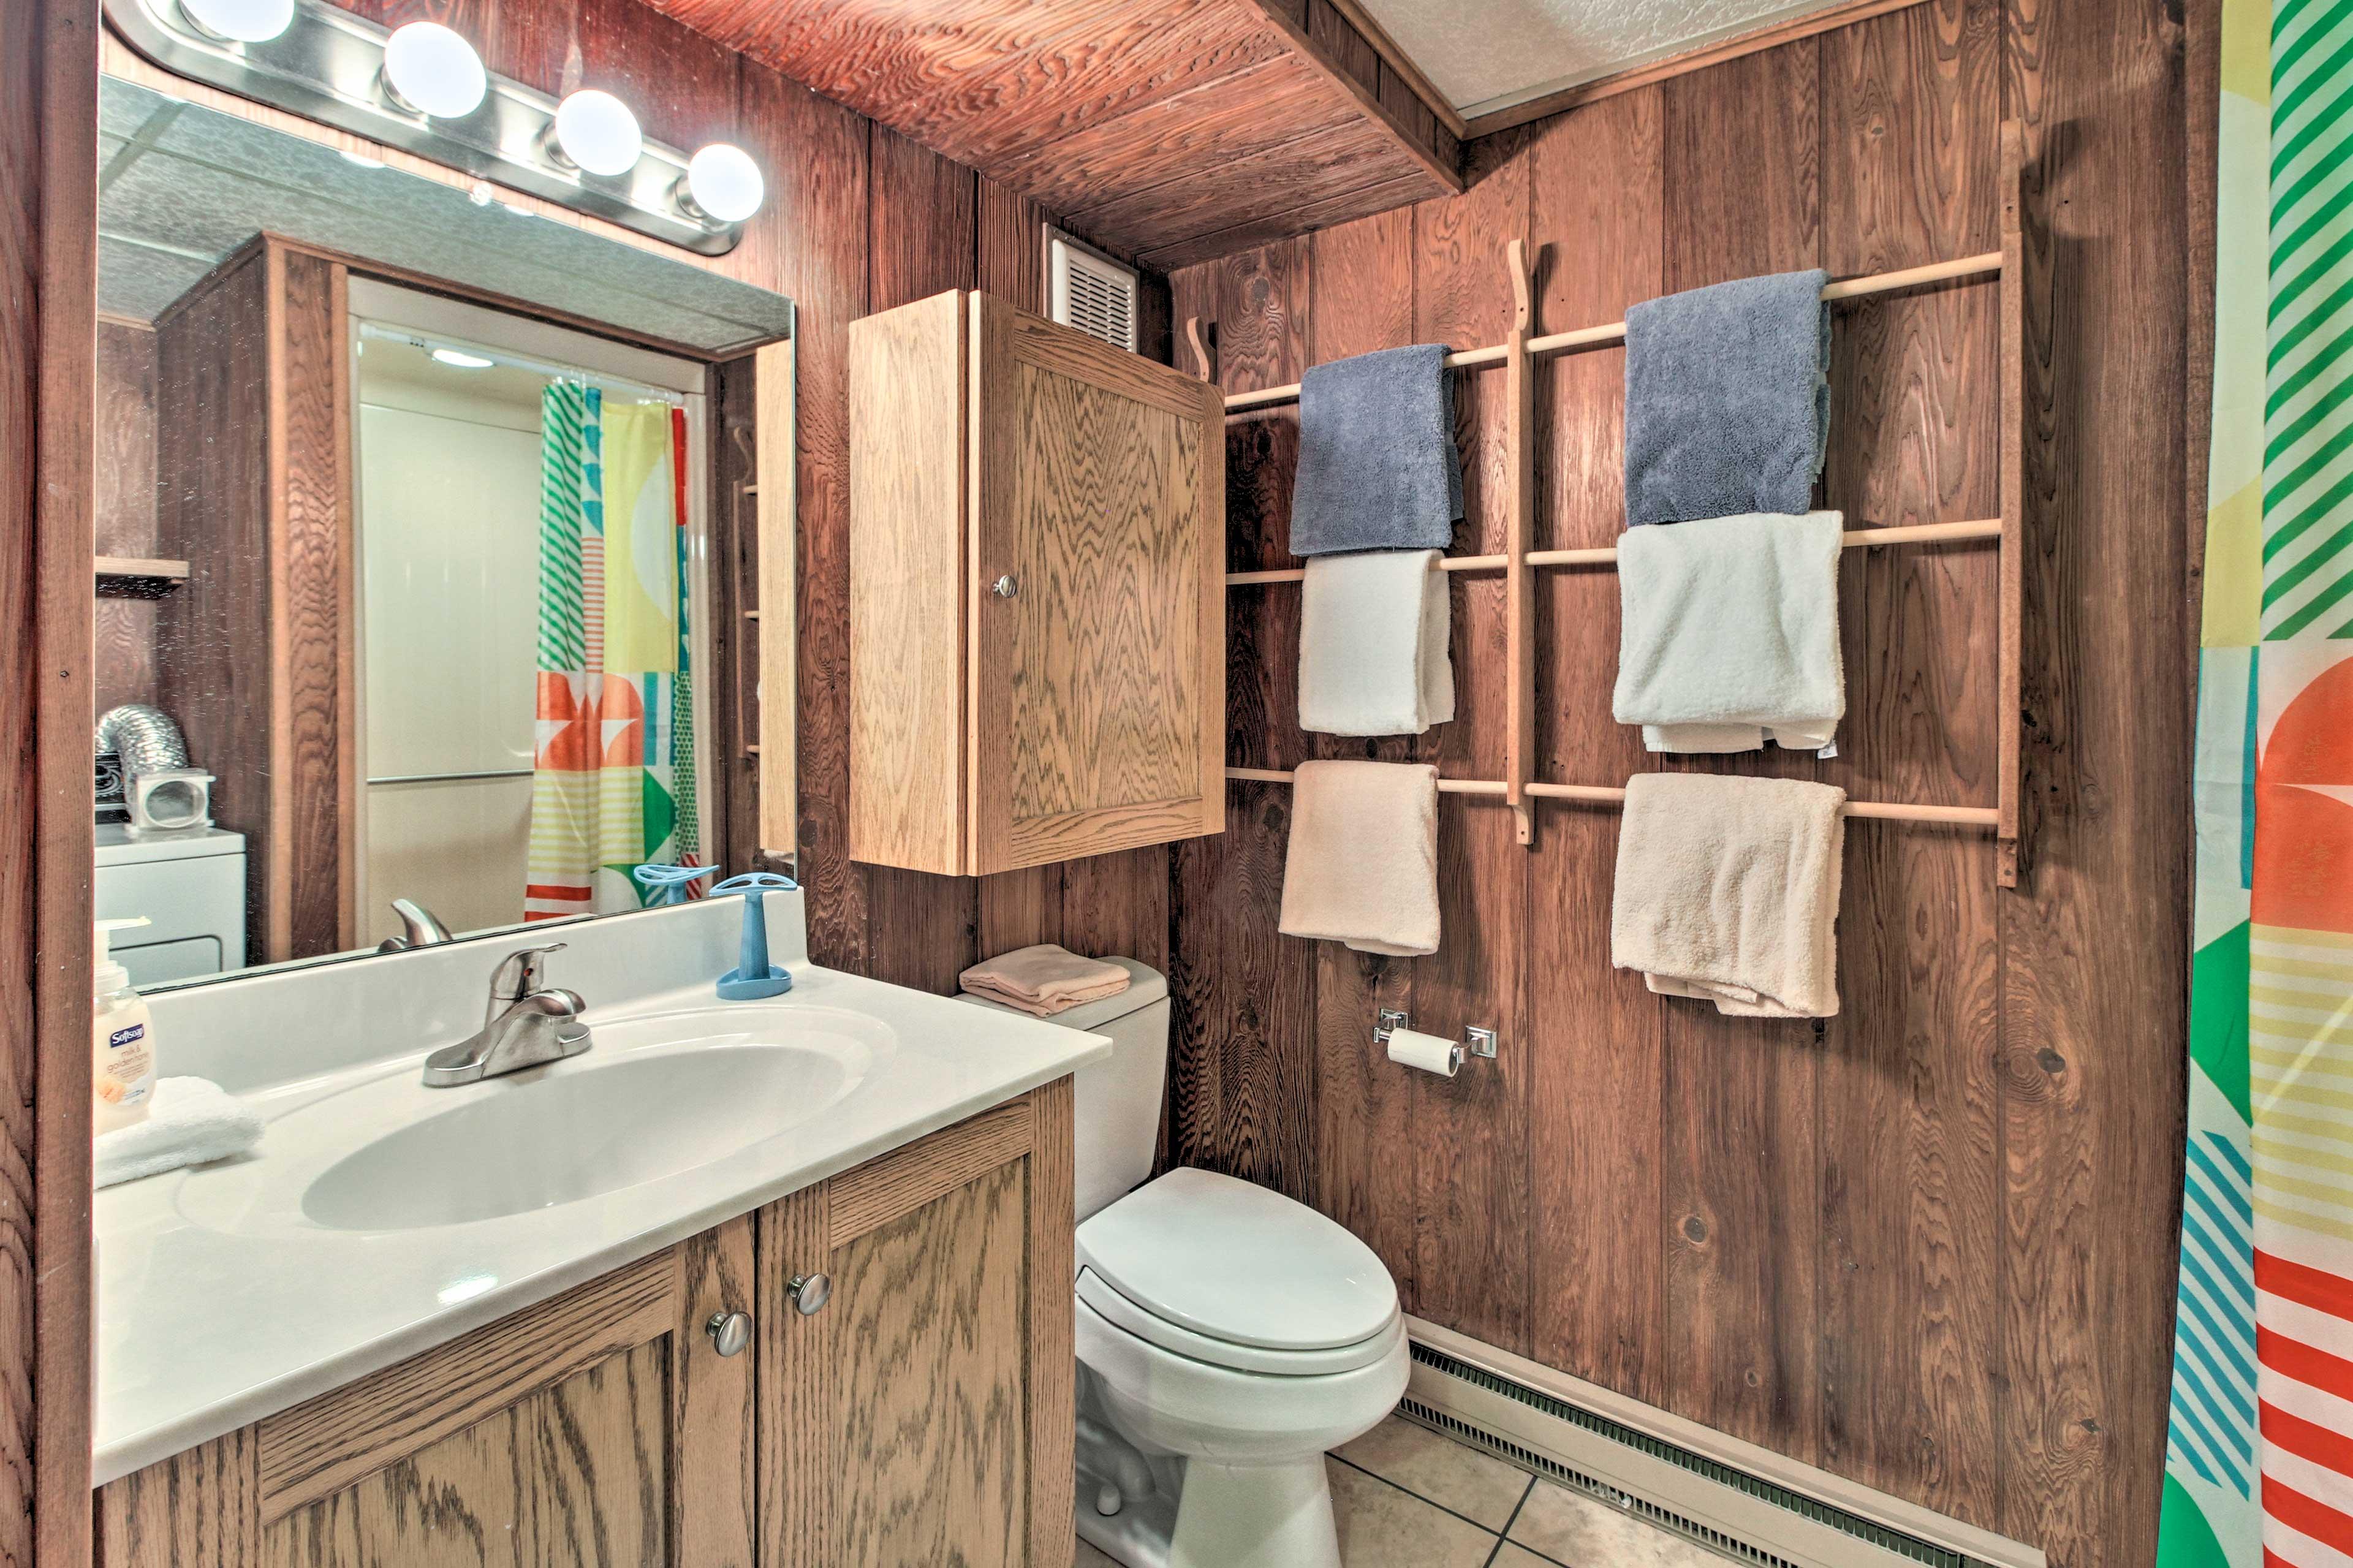 The condo has 2.5 bathrooms.